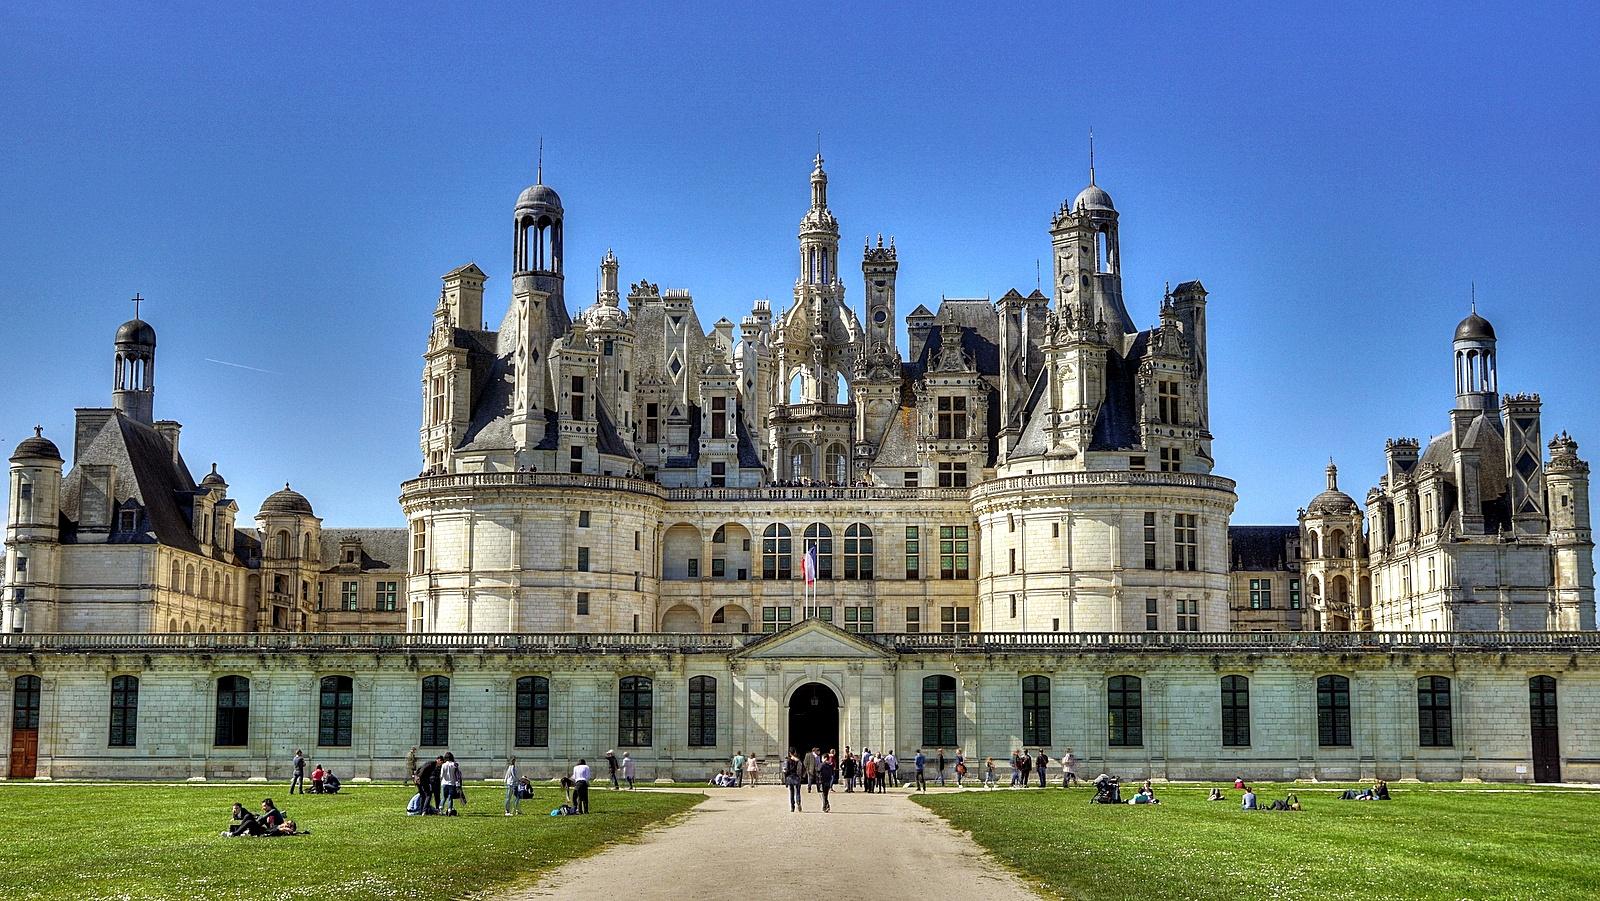 [Image: Chateau_de_Chambord_%2826296412132%29.jpg]